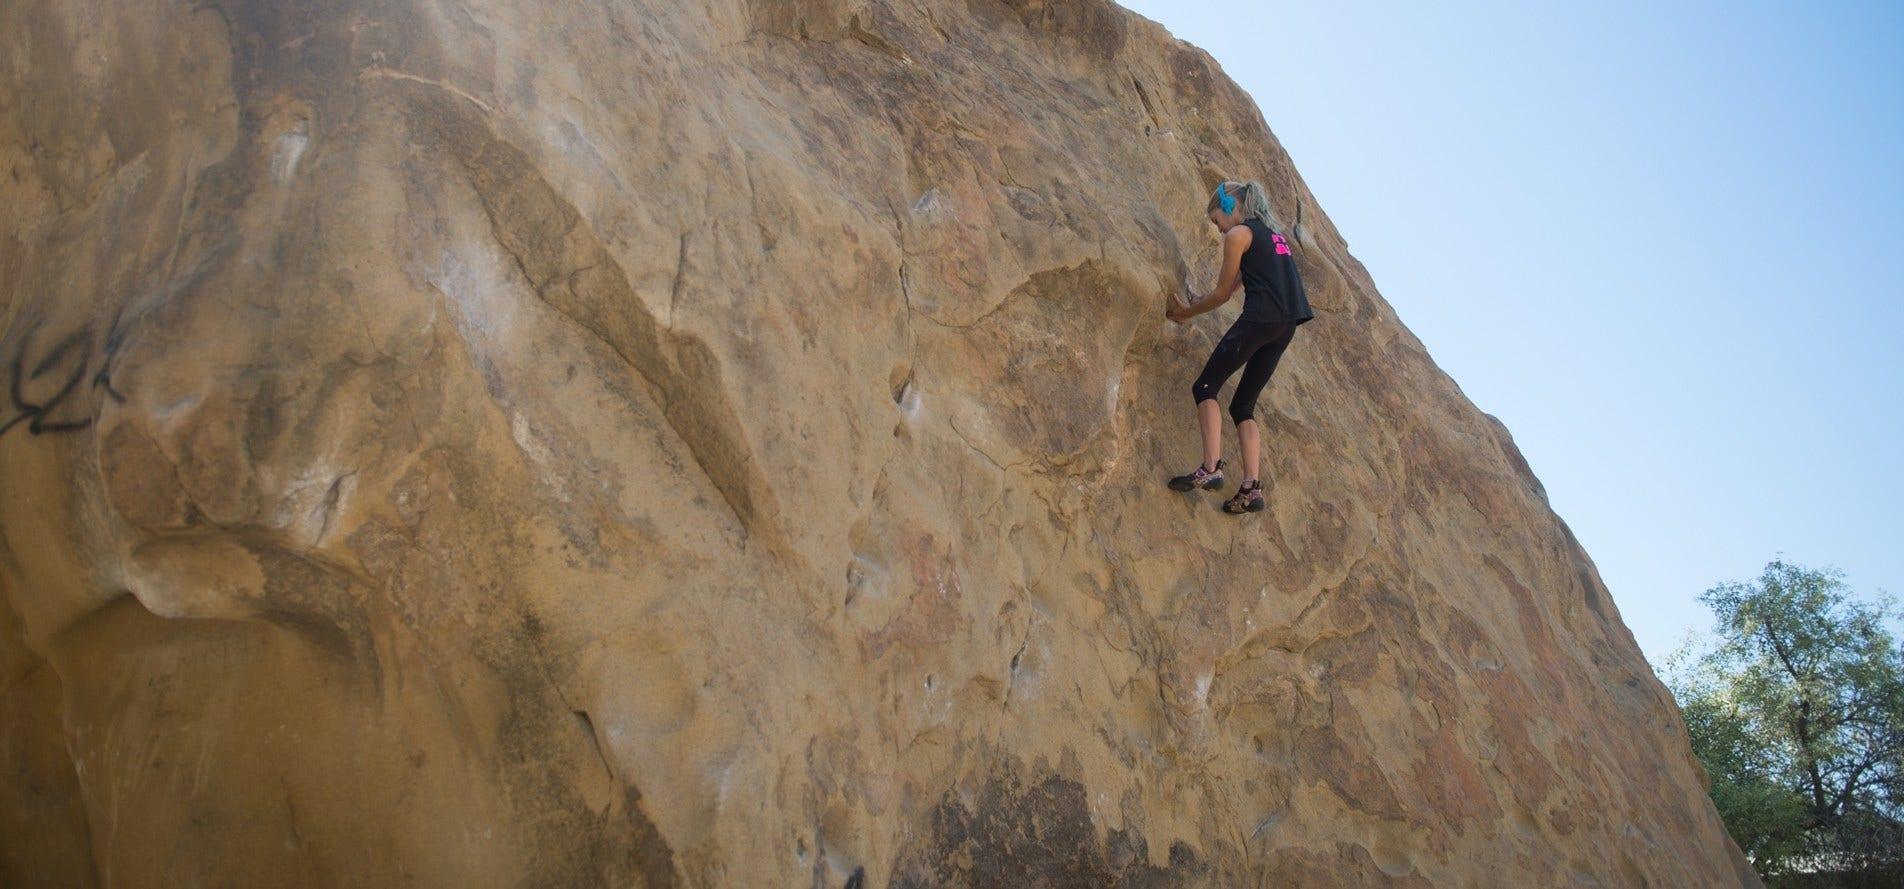 Dinah Marcuson Rock Climber